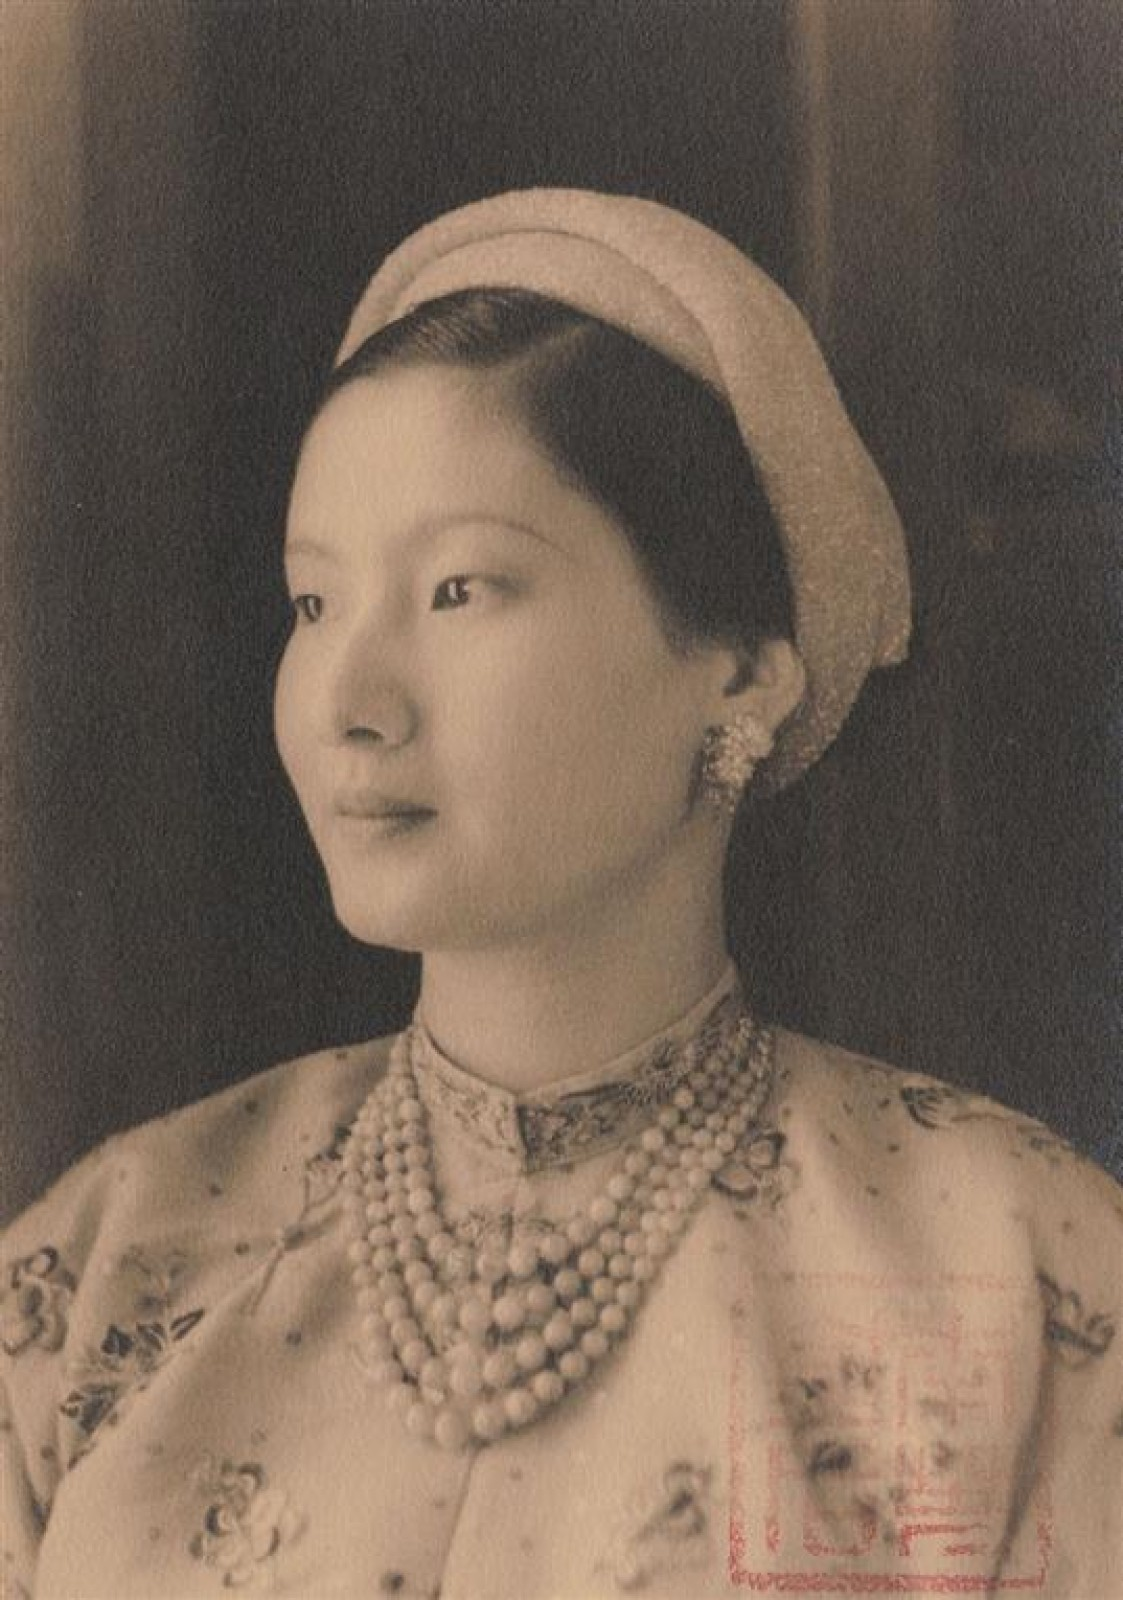 phụ kiện truyền thống mũ mấn việt nam hoàng hậu nam phương